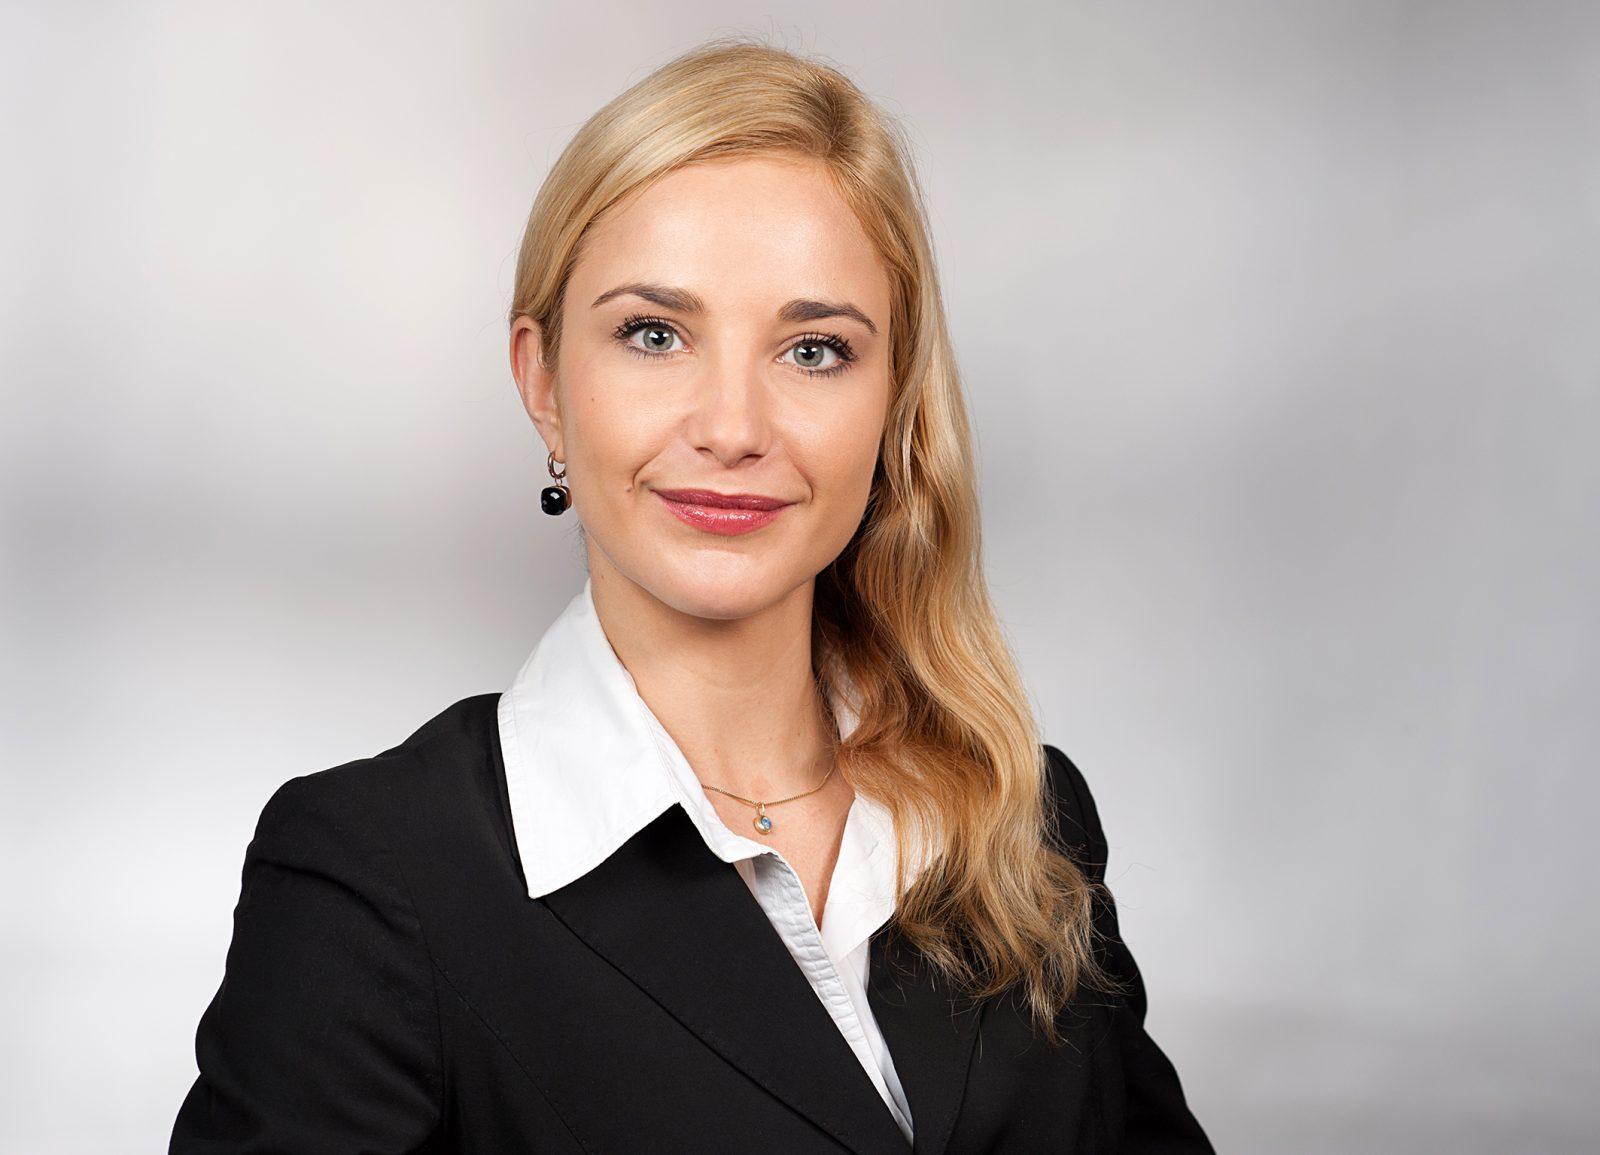 Verena Schaller